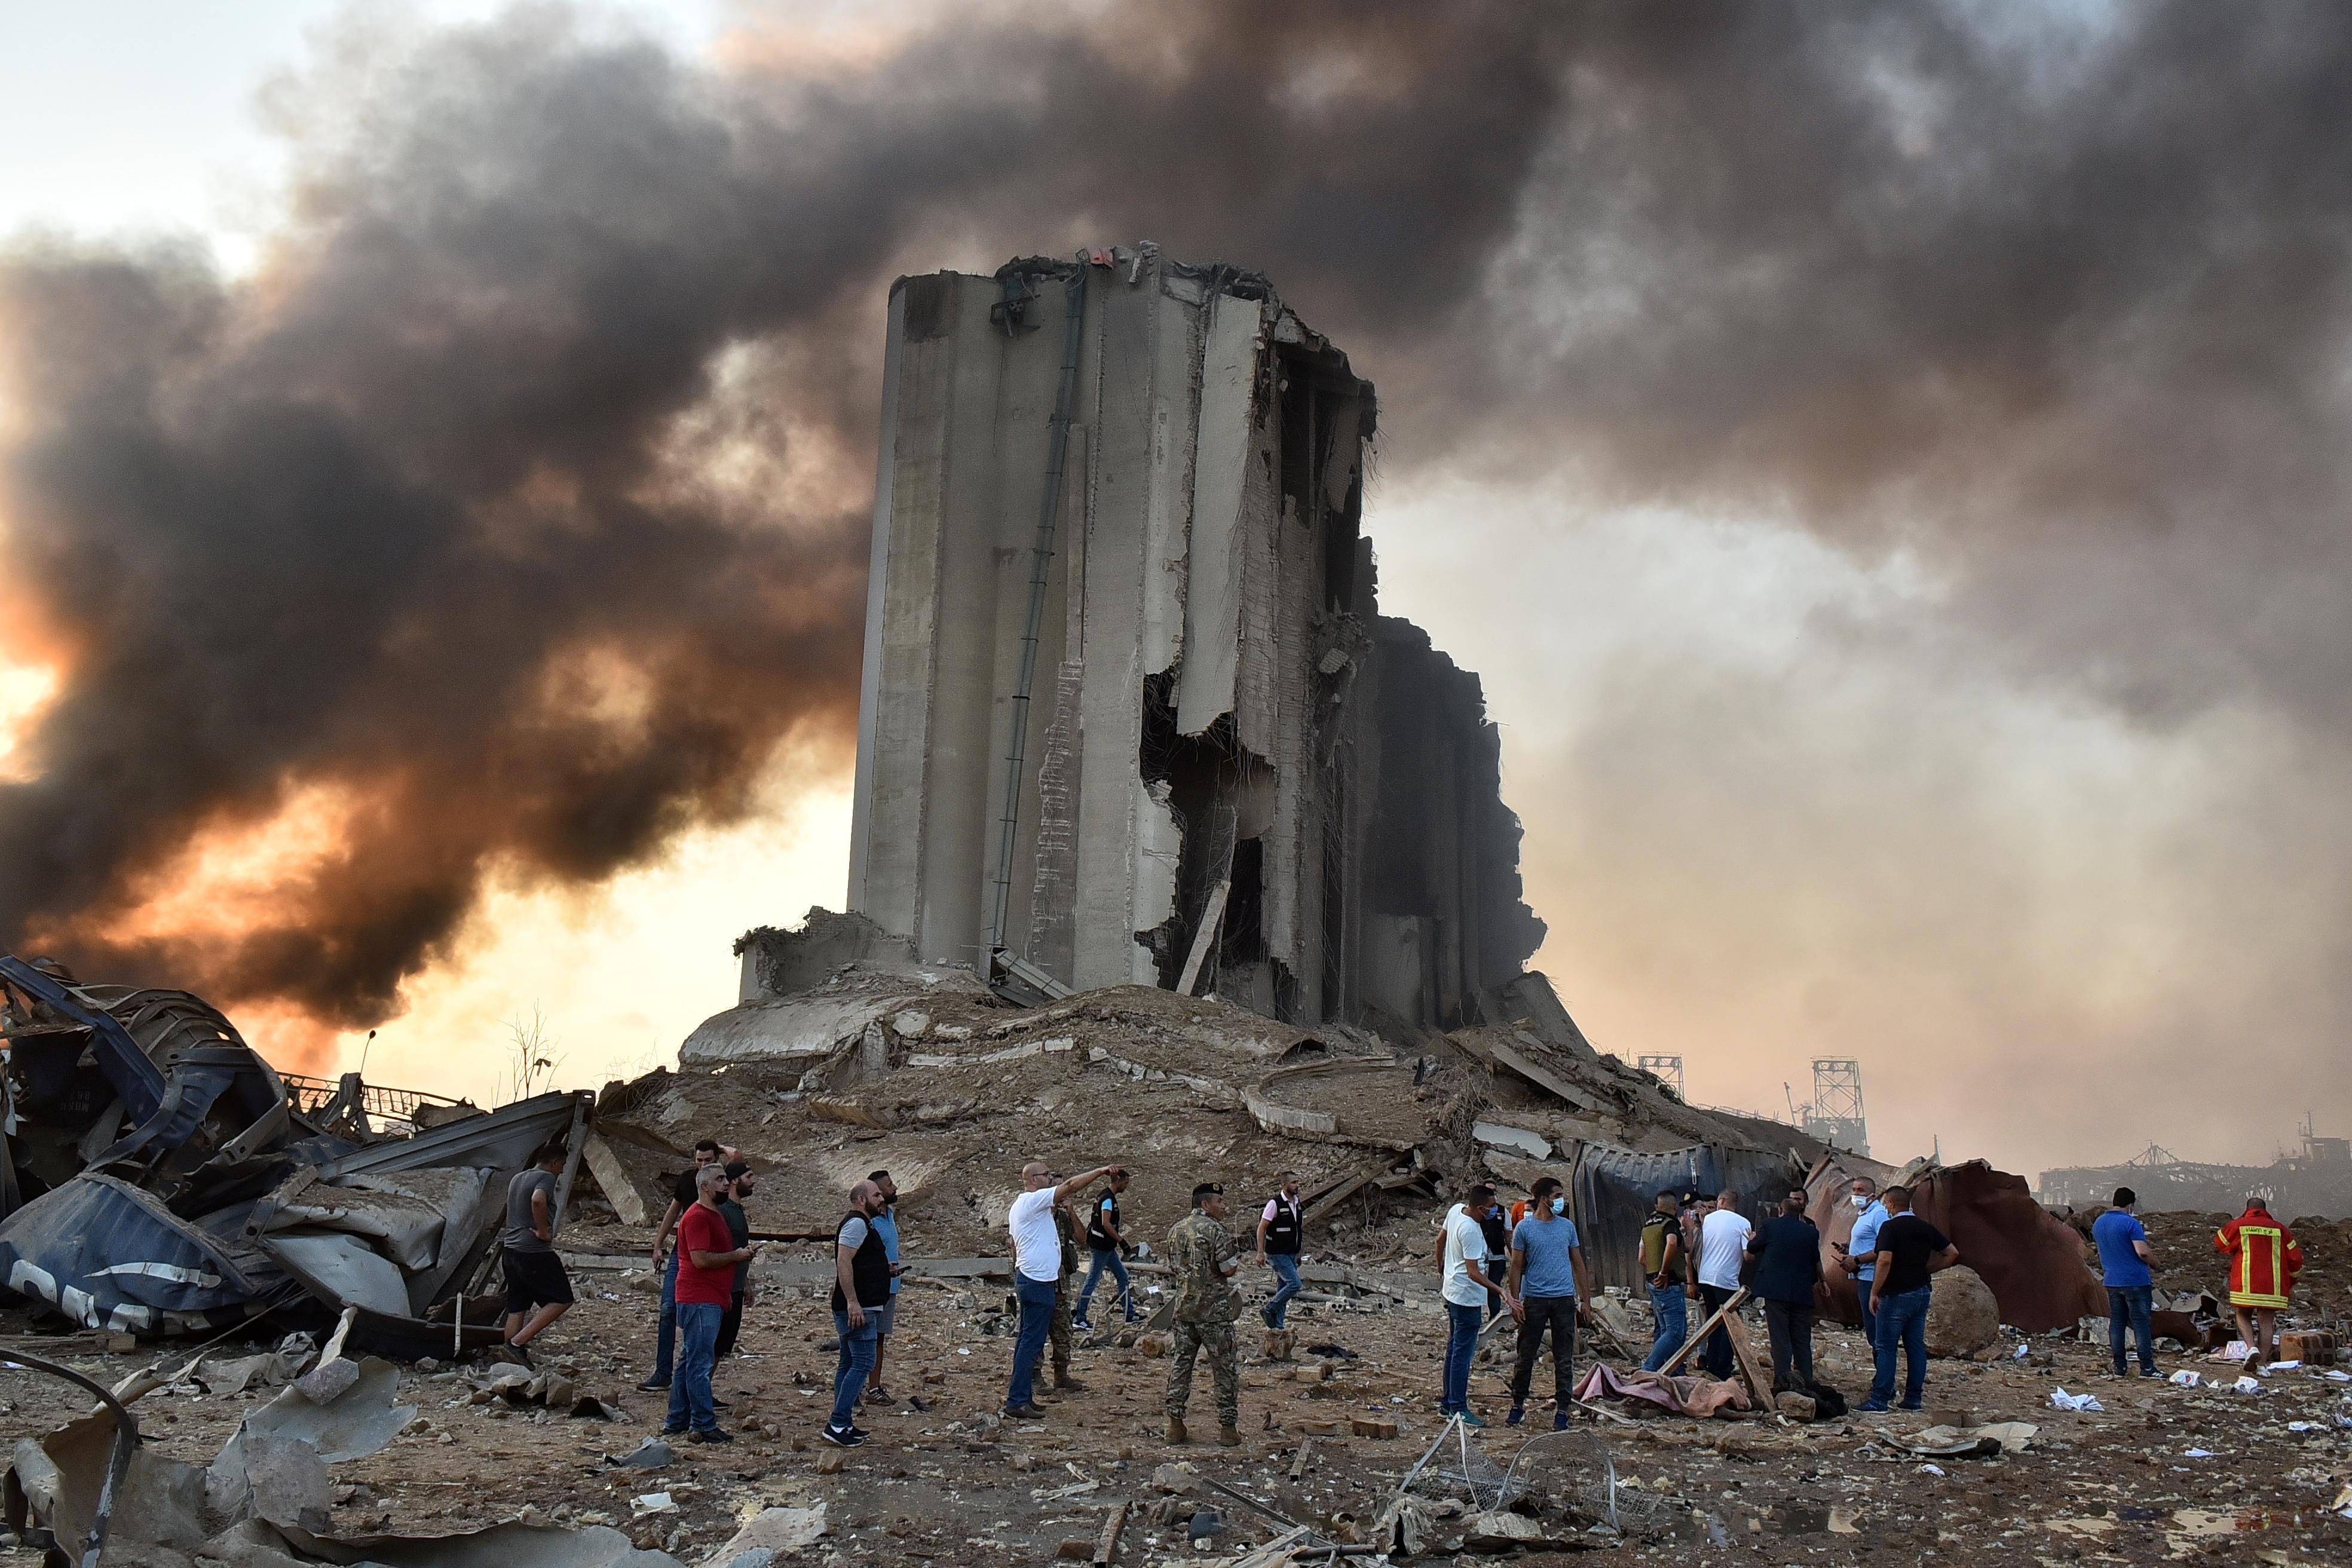 Een foto van mensen in het puin